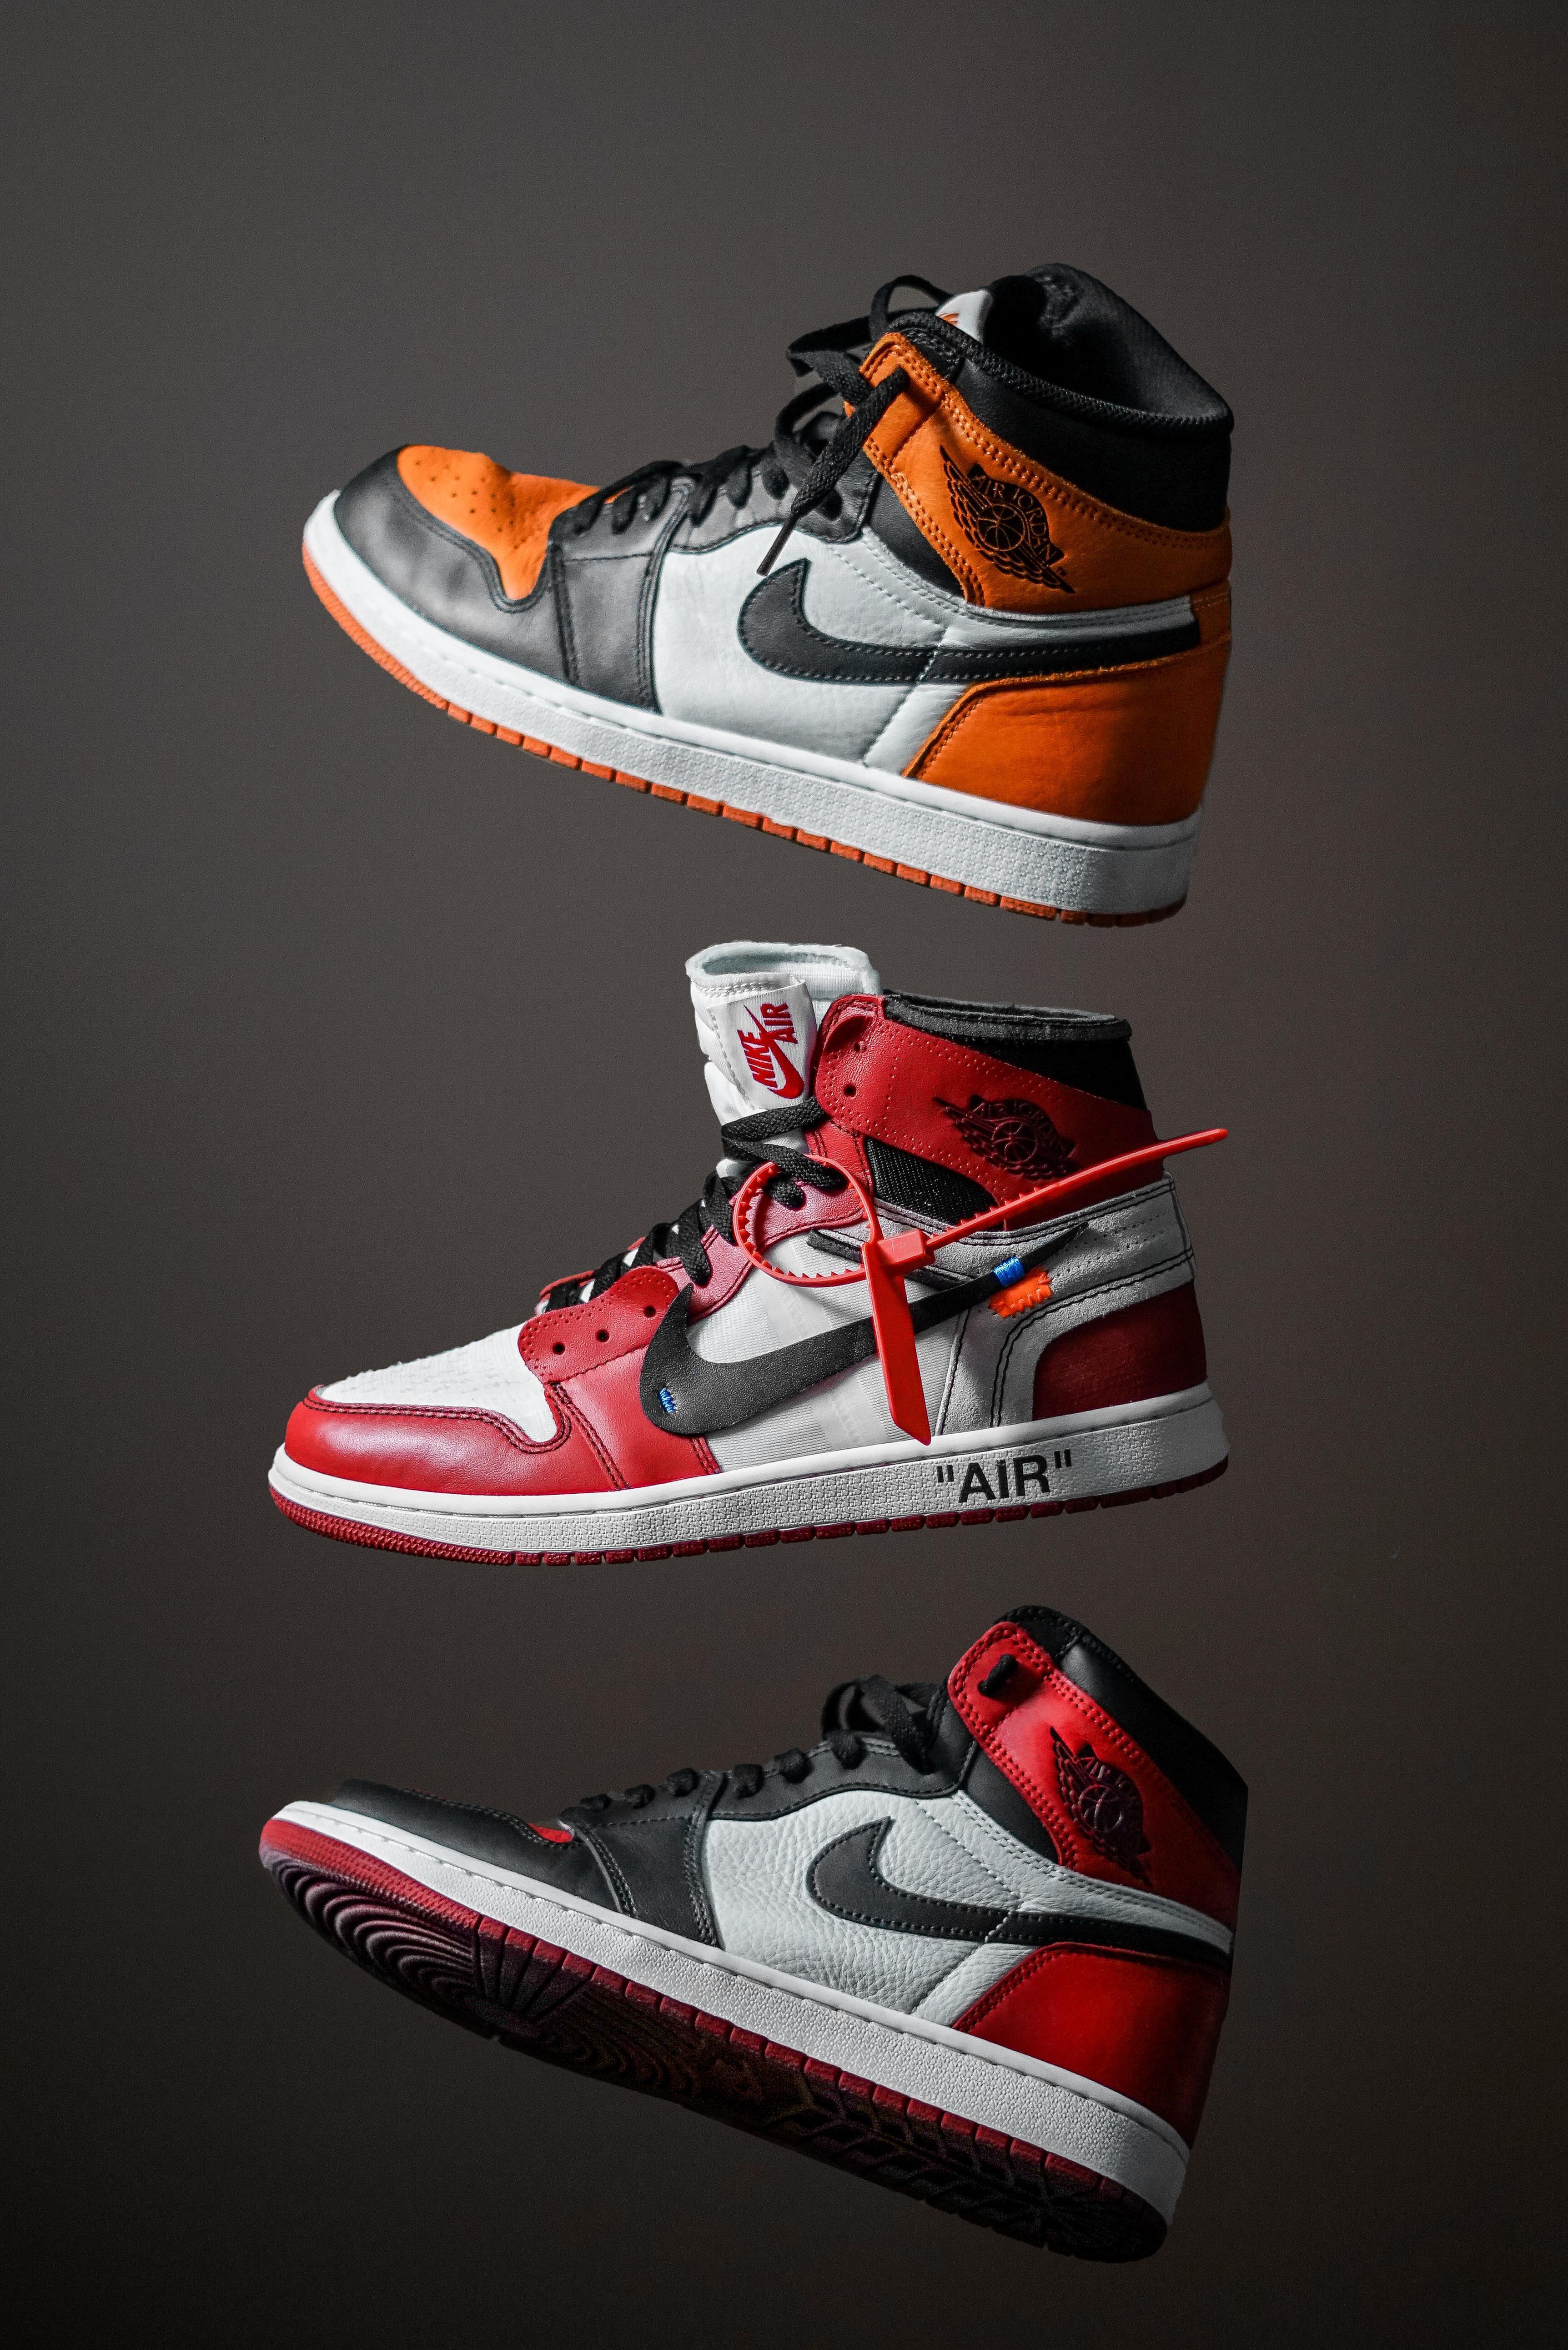 Jordan iPhone Wallpapers - Top Free Jordan iPhone ...